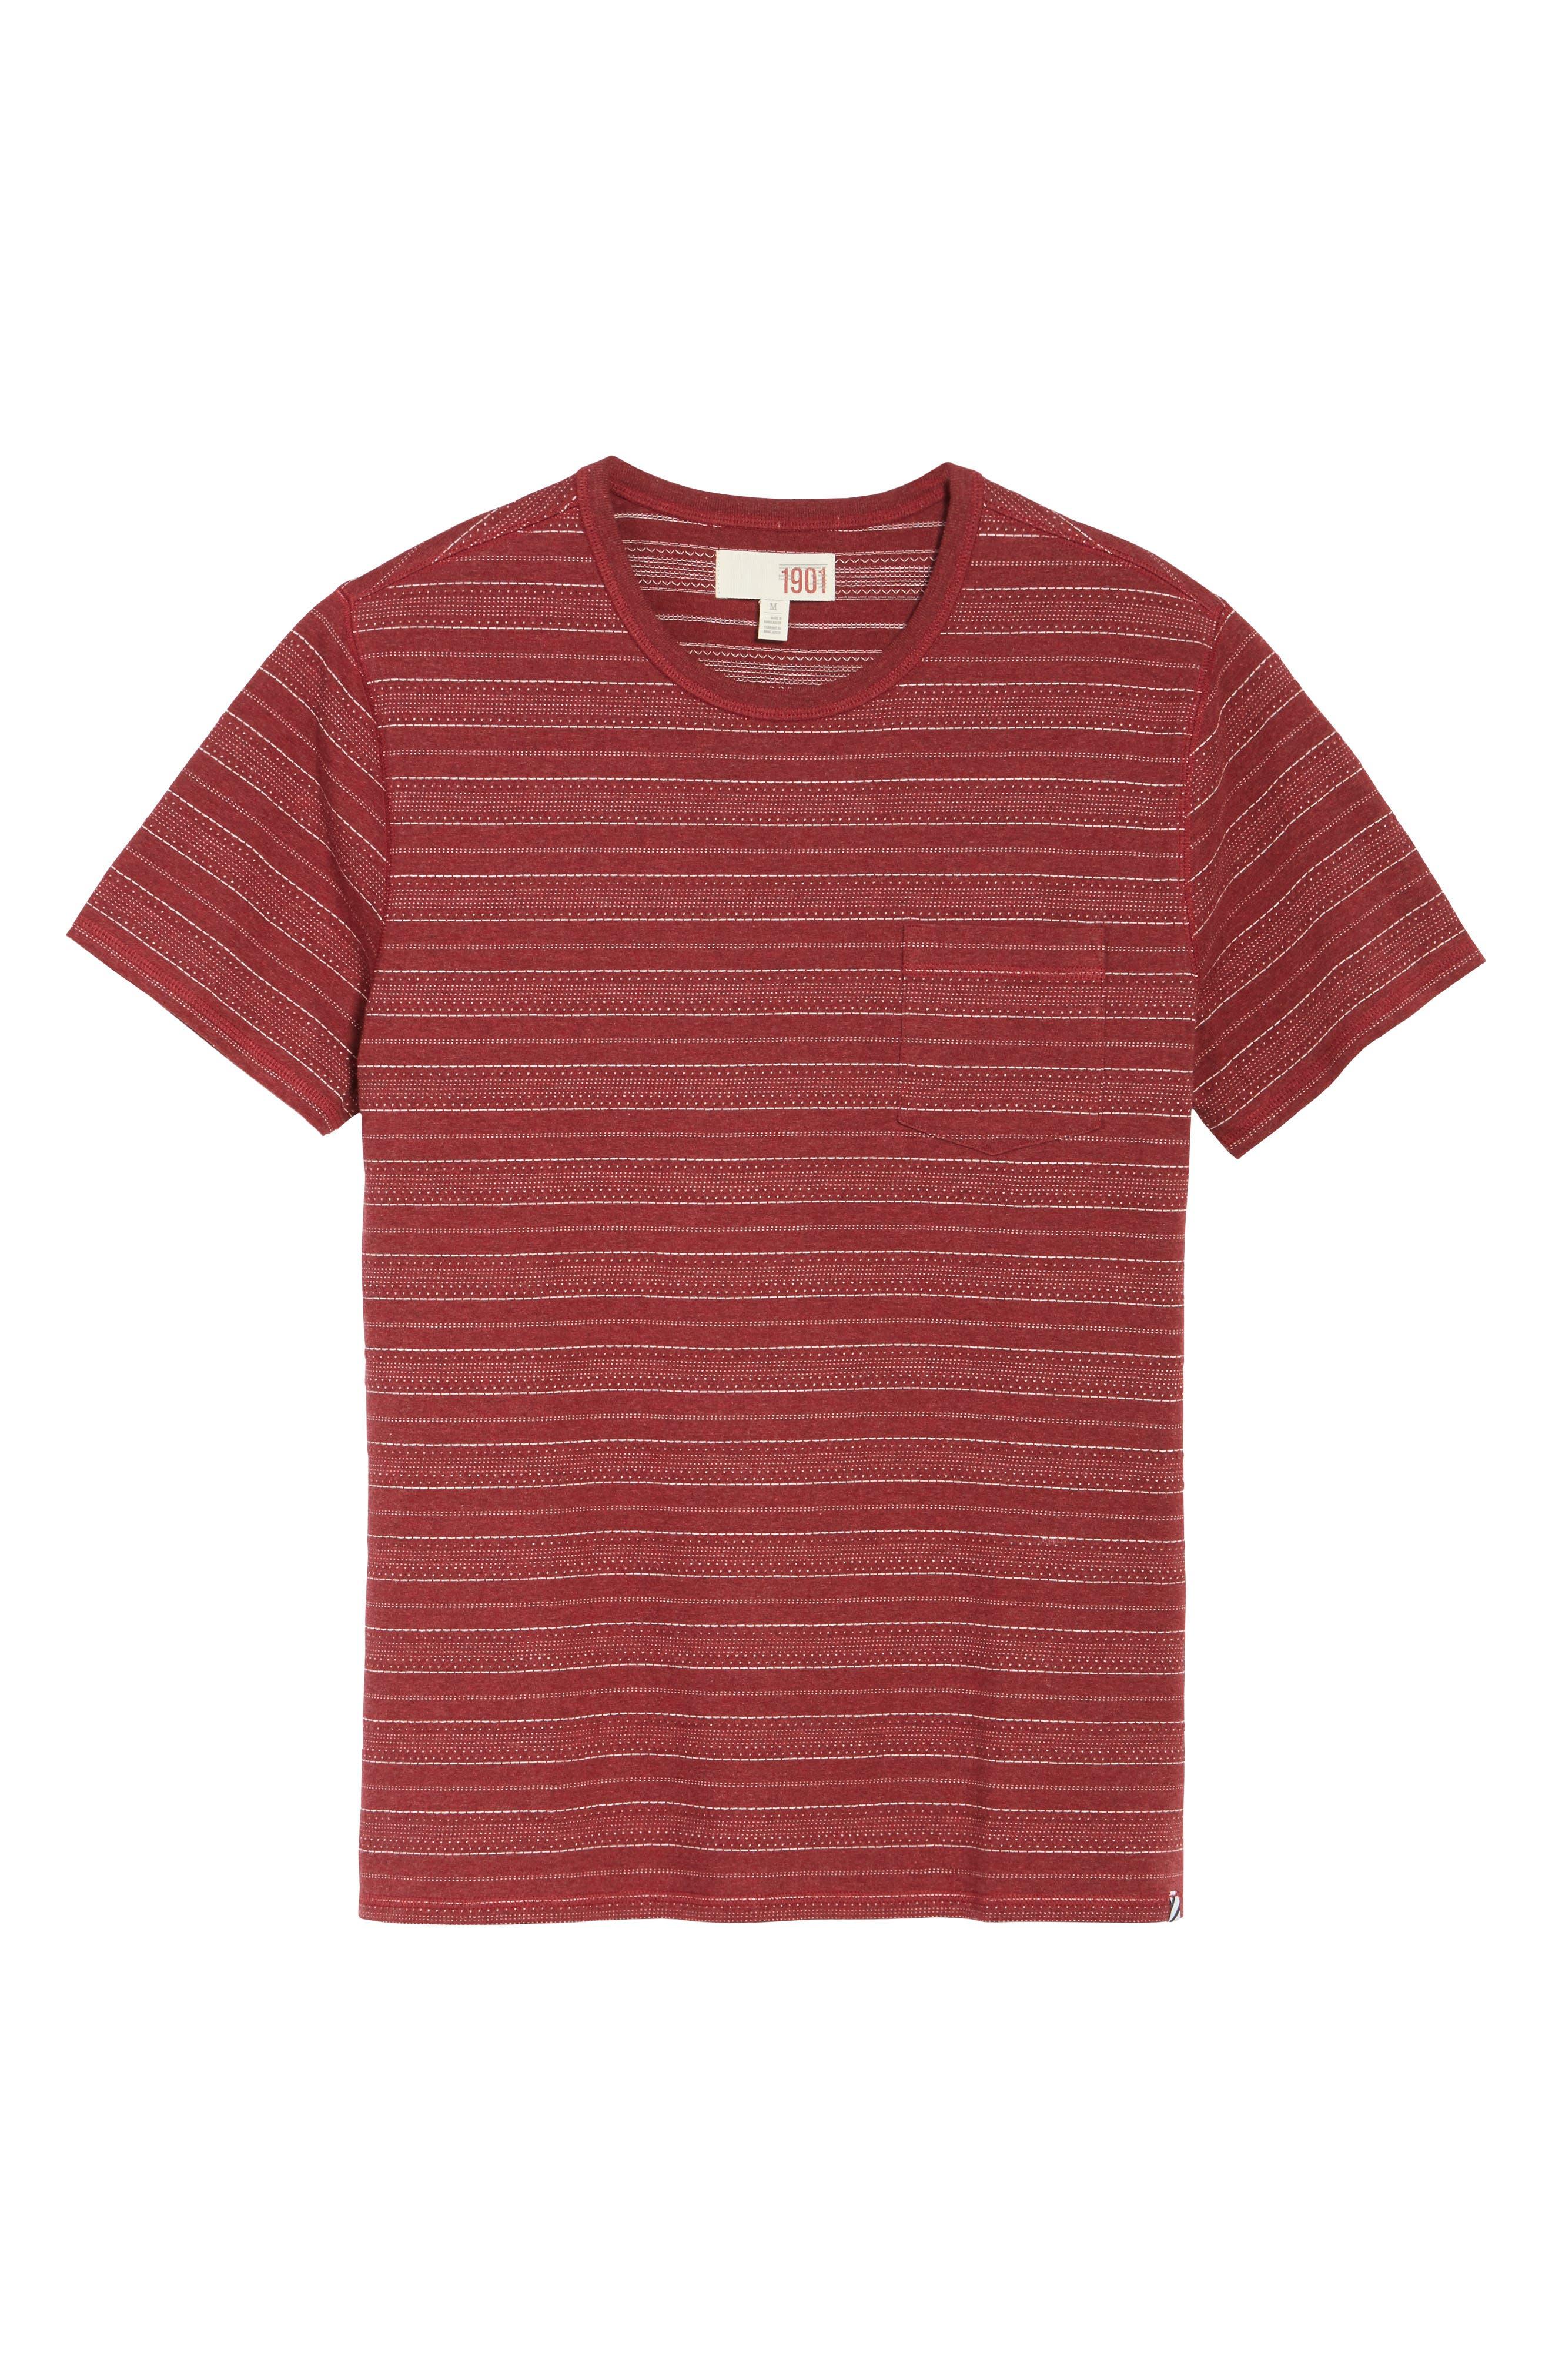 Jacquard Stripe T-Shirt,                             Alternate thumbnail 6, color,                             938